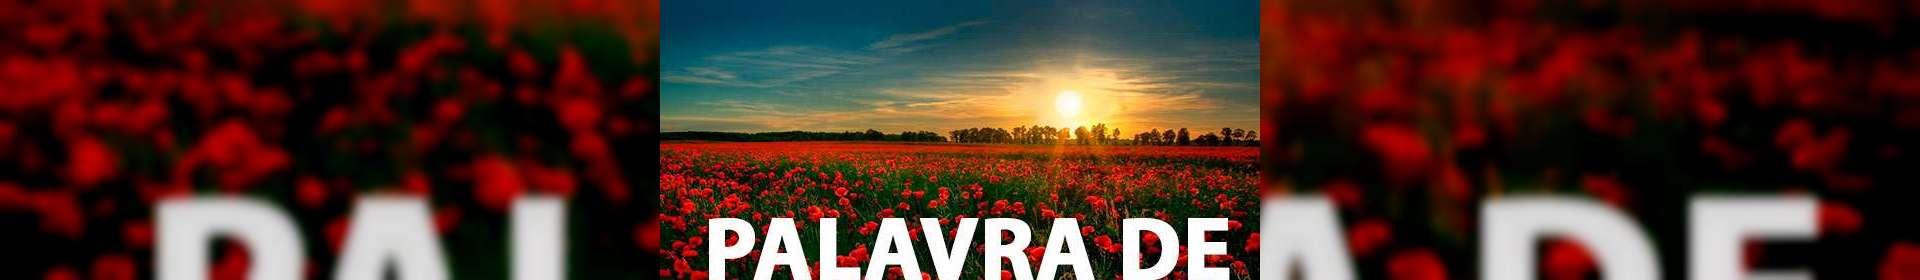 Isaías 57:18 - Uma Palavra de Esperança para sua vida